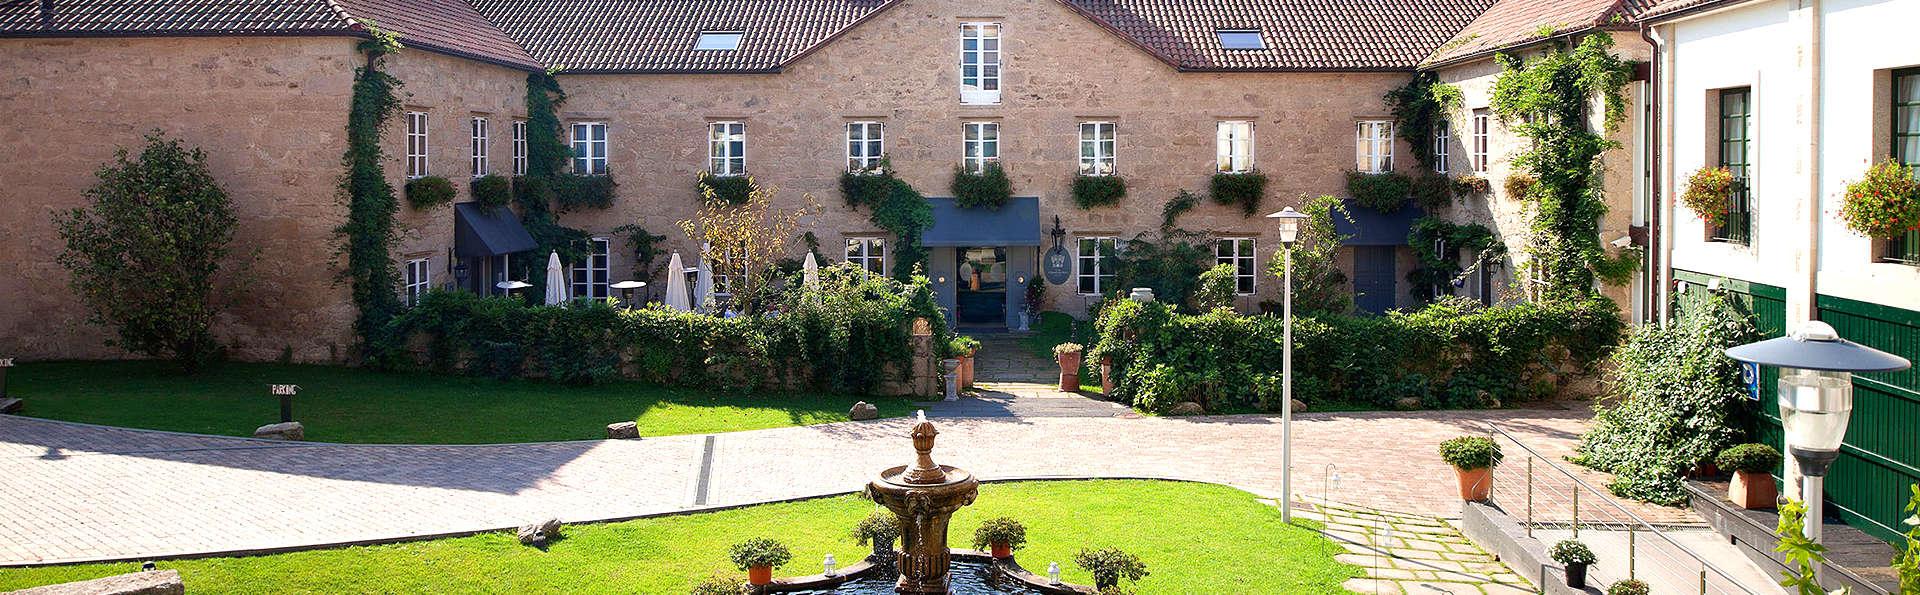 Hotel Spa Relais & Chateaux A Quinta da Auga  - EDIT_Exterior.jpg